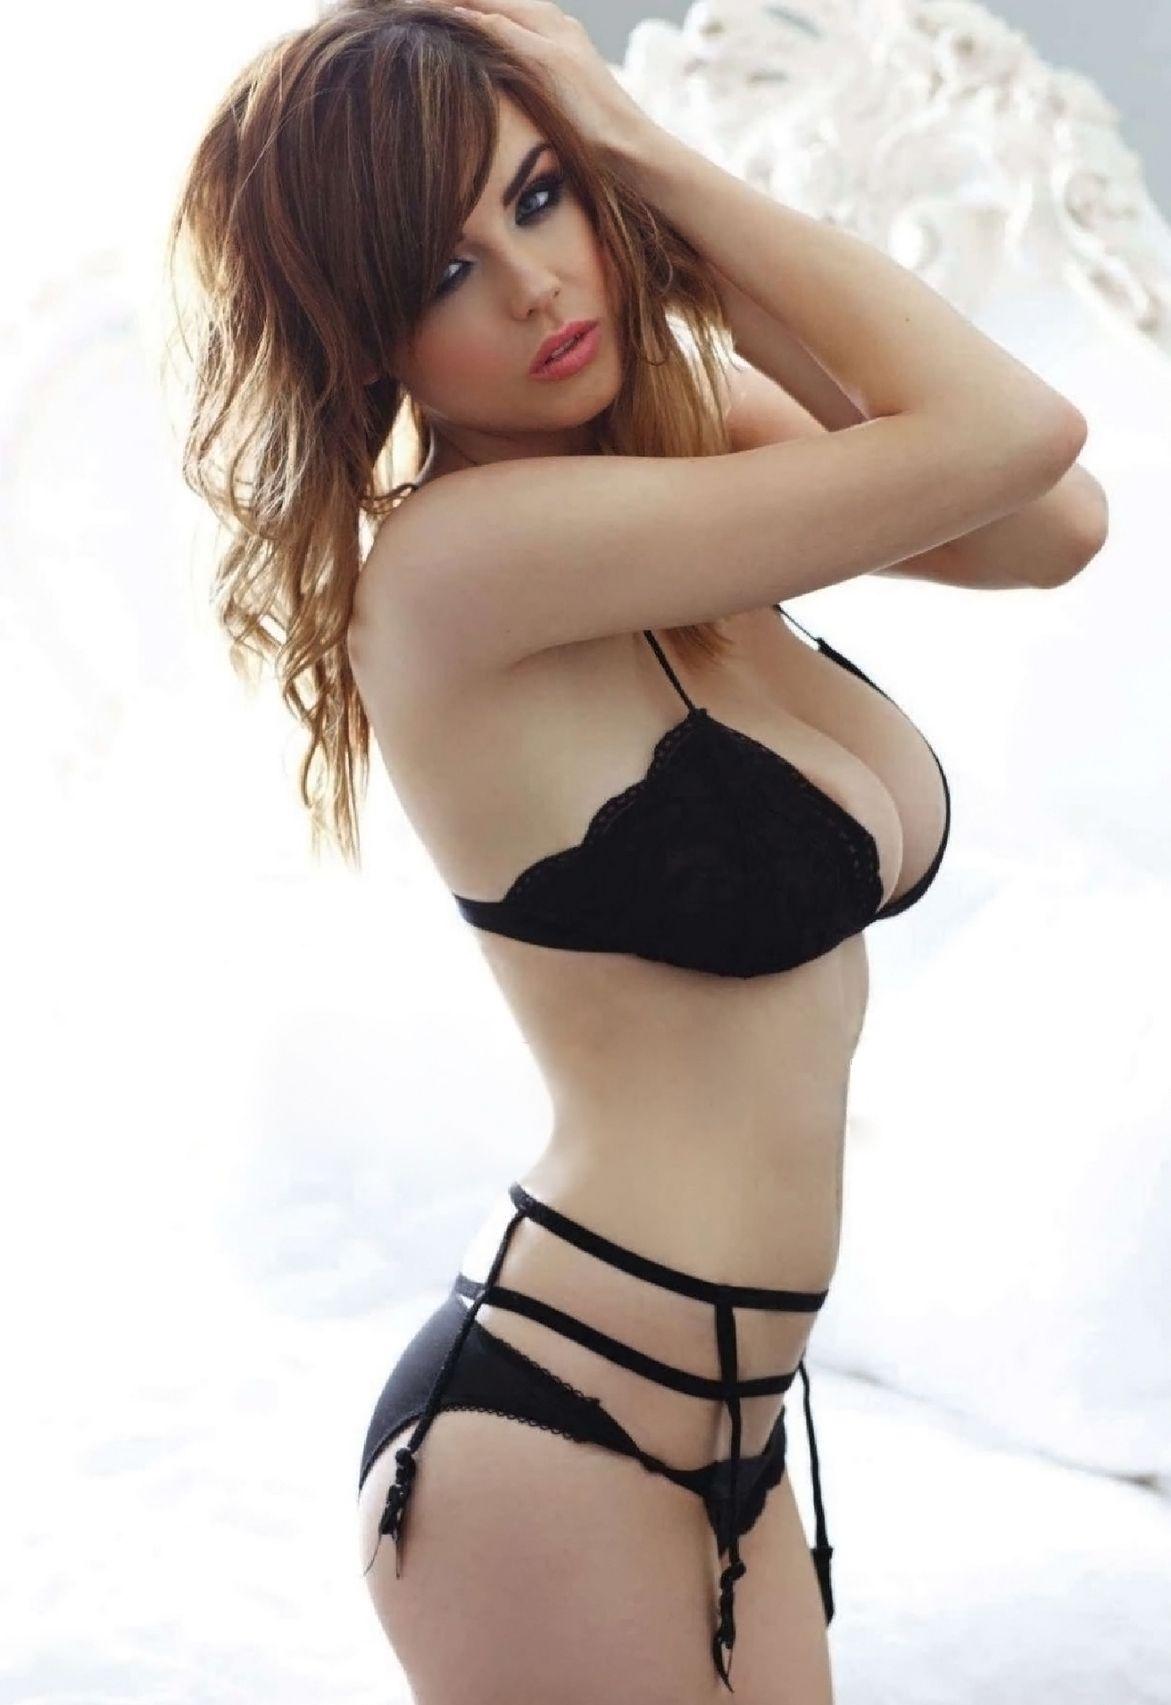 13億人に1人の美少女タレント・ジュリ(24)の週刊誌手ぶら水着画像